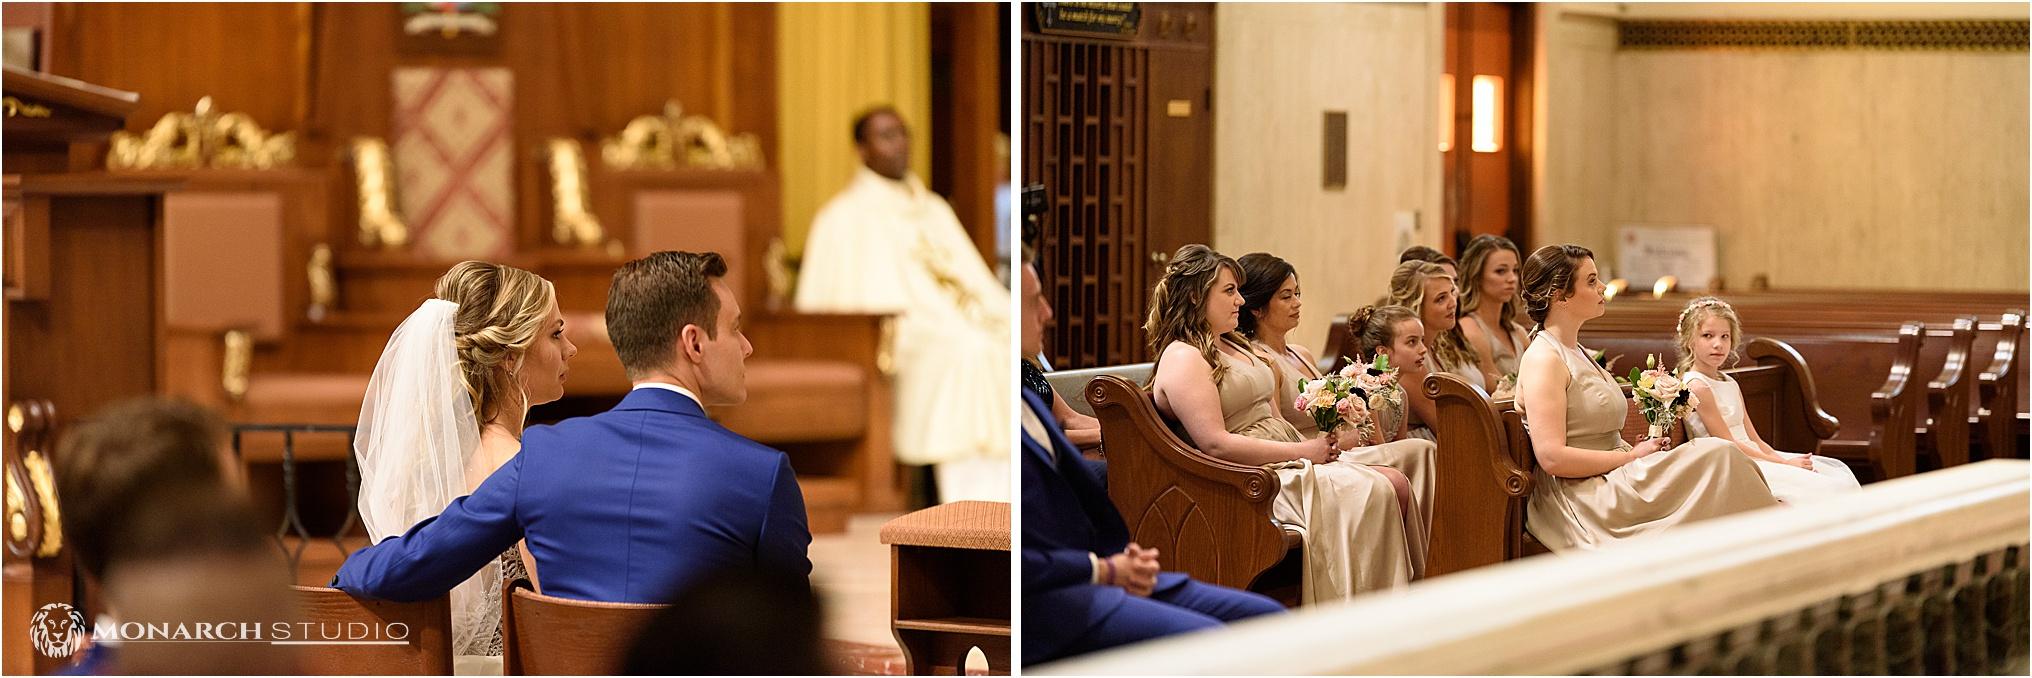 best-saint-augustine-wedding-photographer-2019-041.jpg